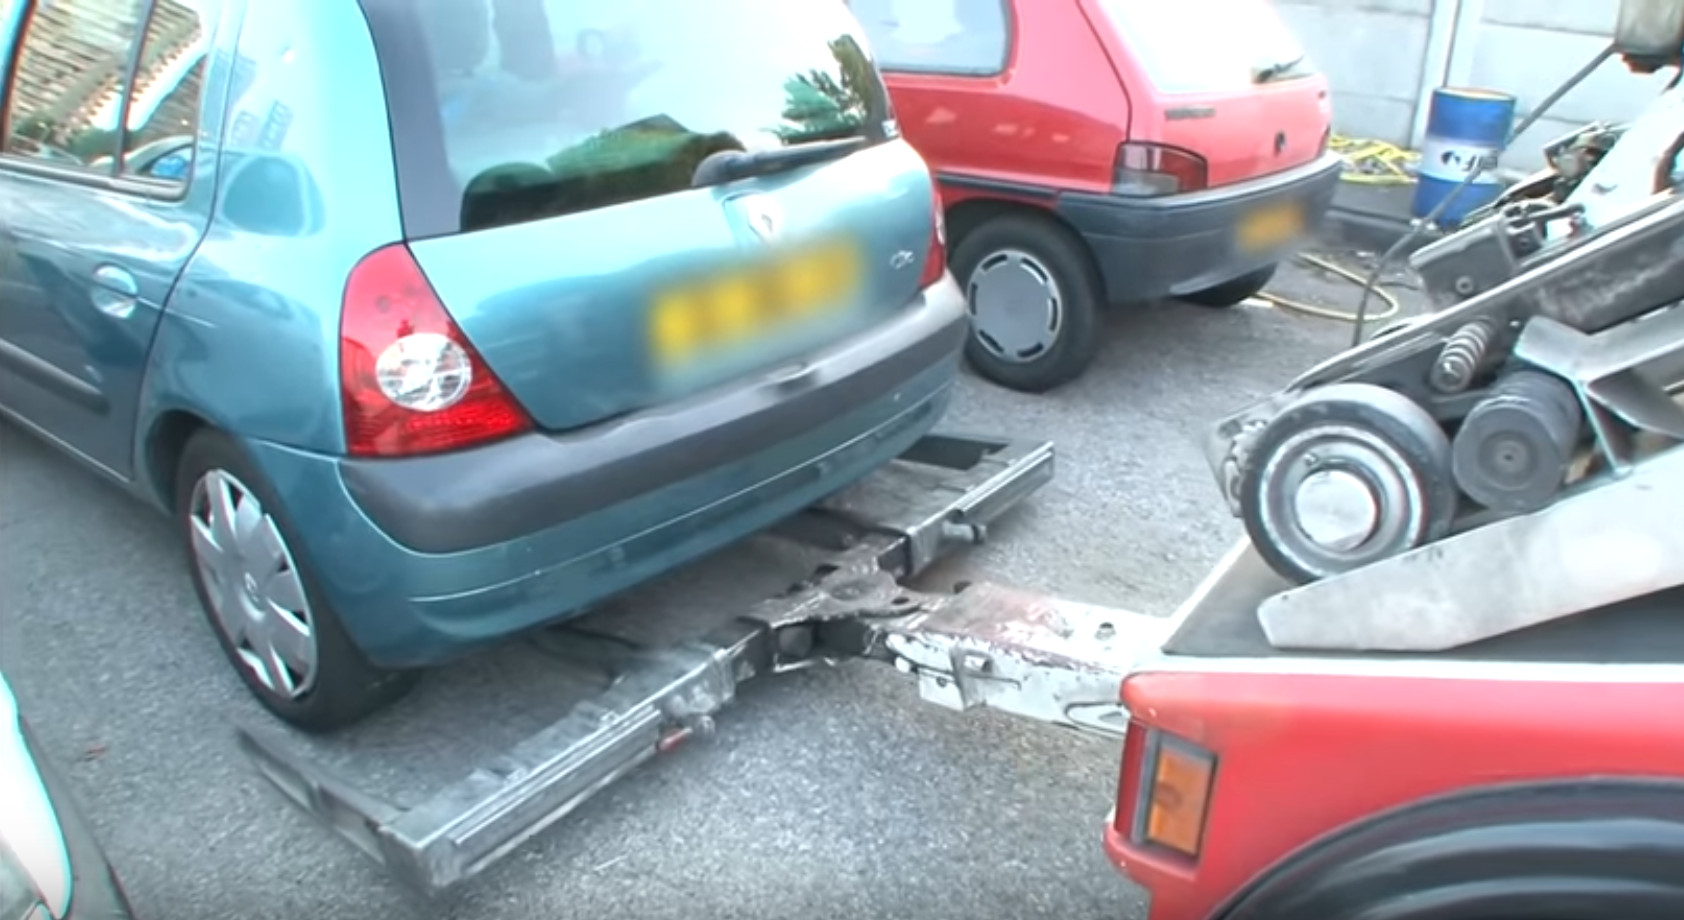 Enlèvement voiture à Saint-Germain-en-Laye